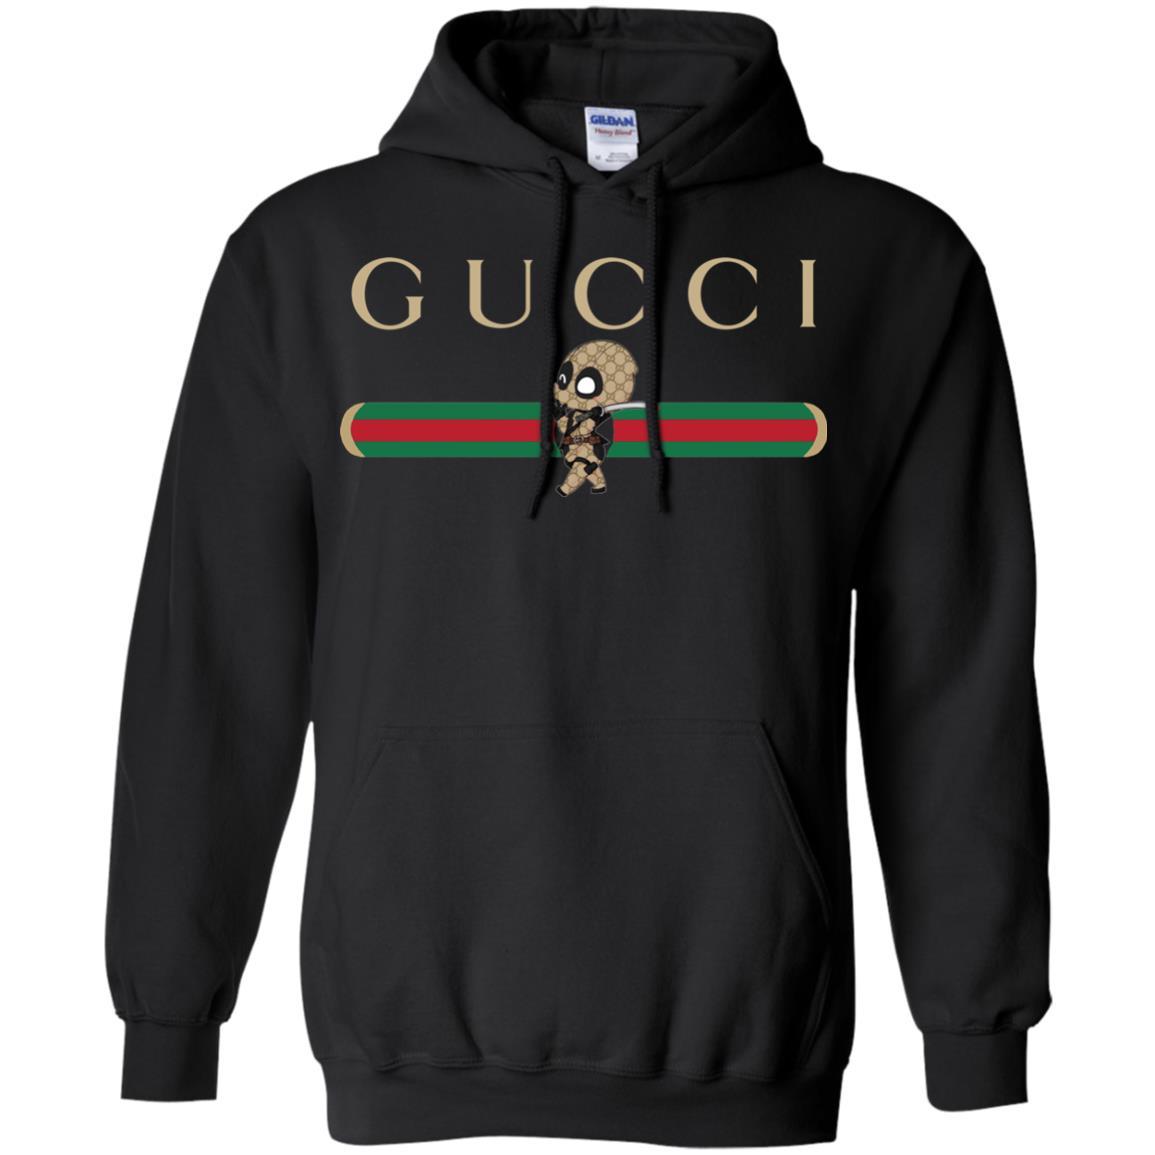 2e6272a85a3 Gucci Deadpool Shirt